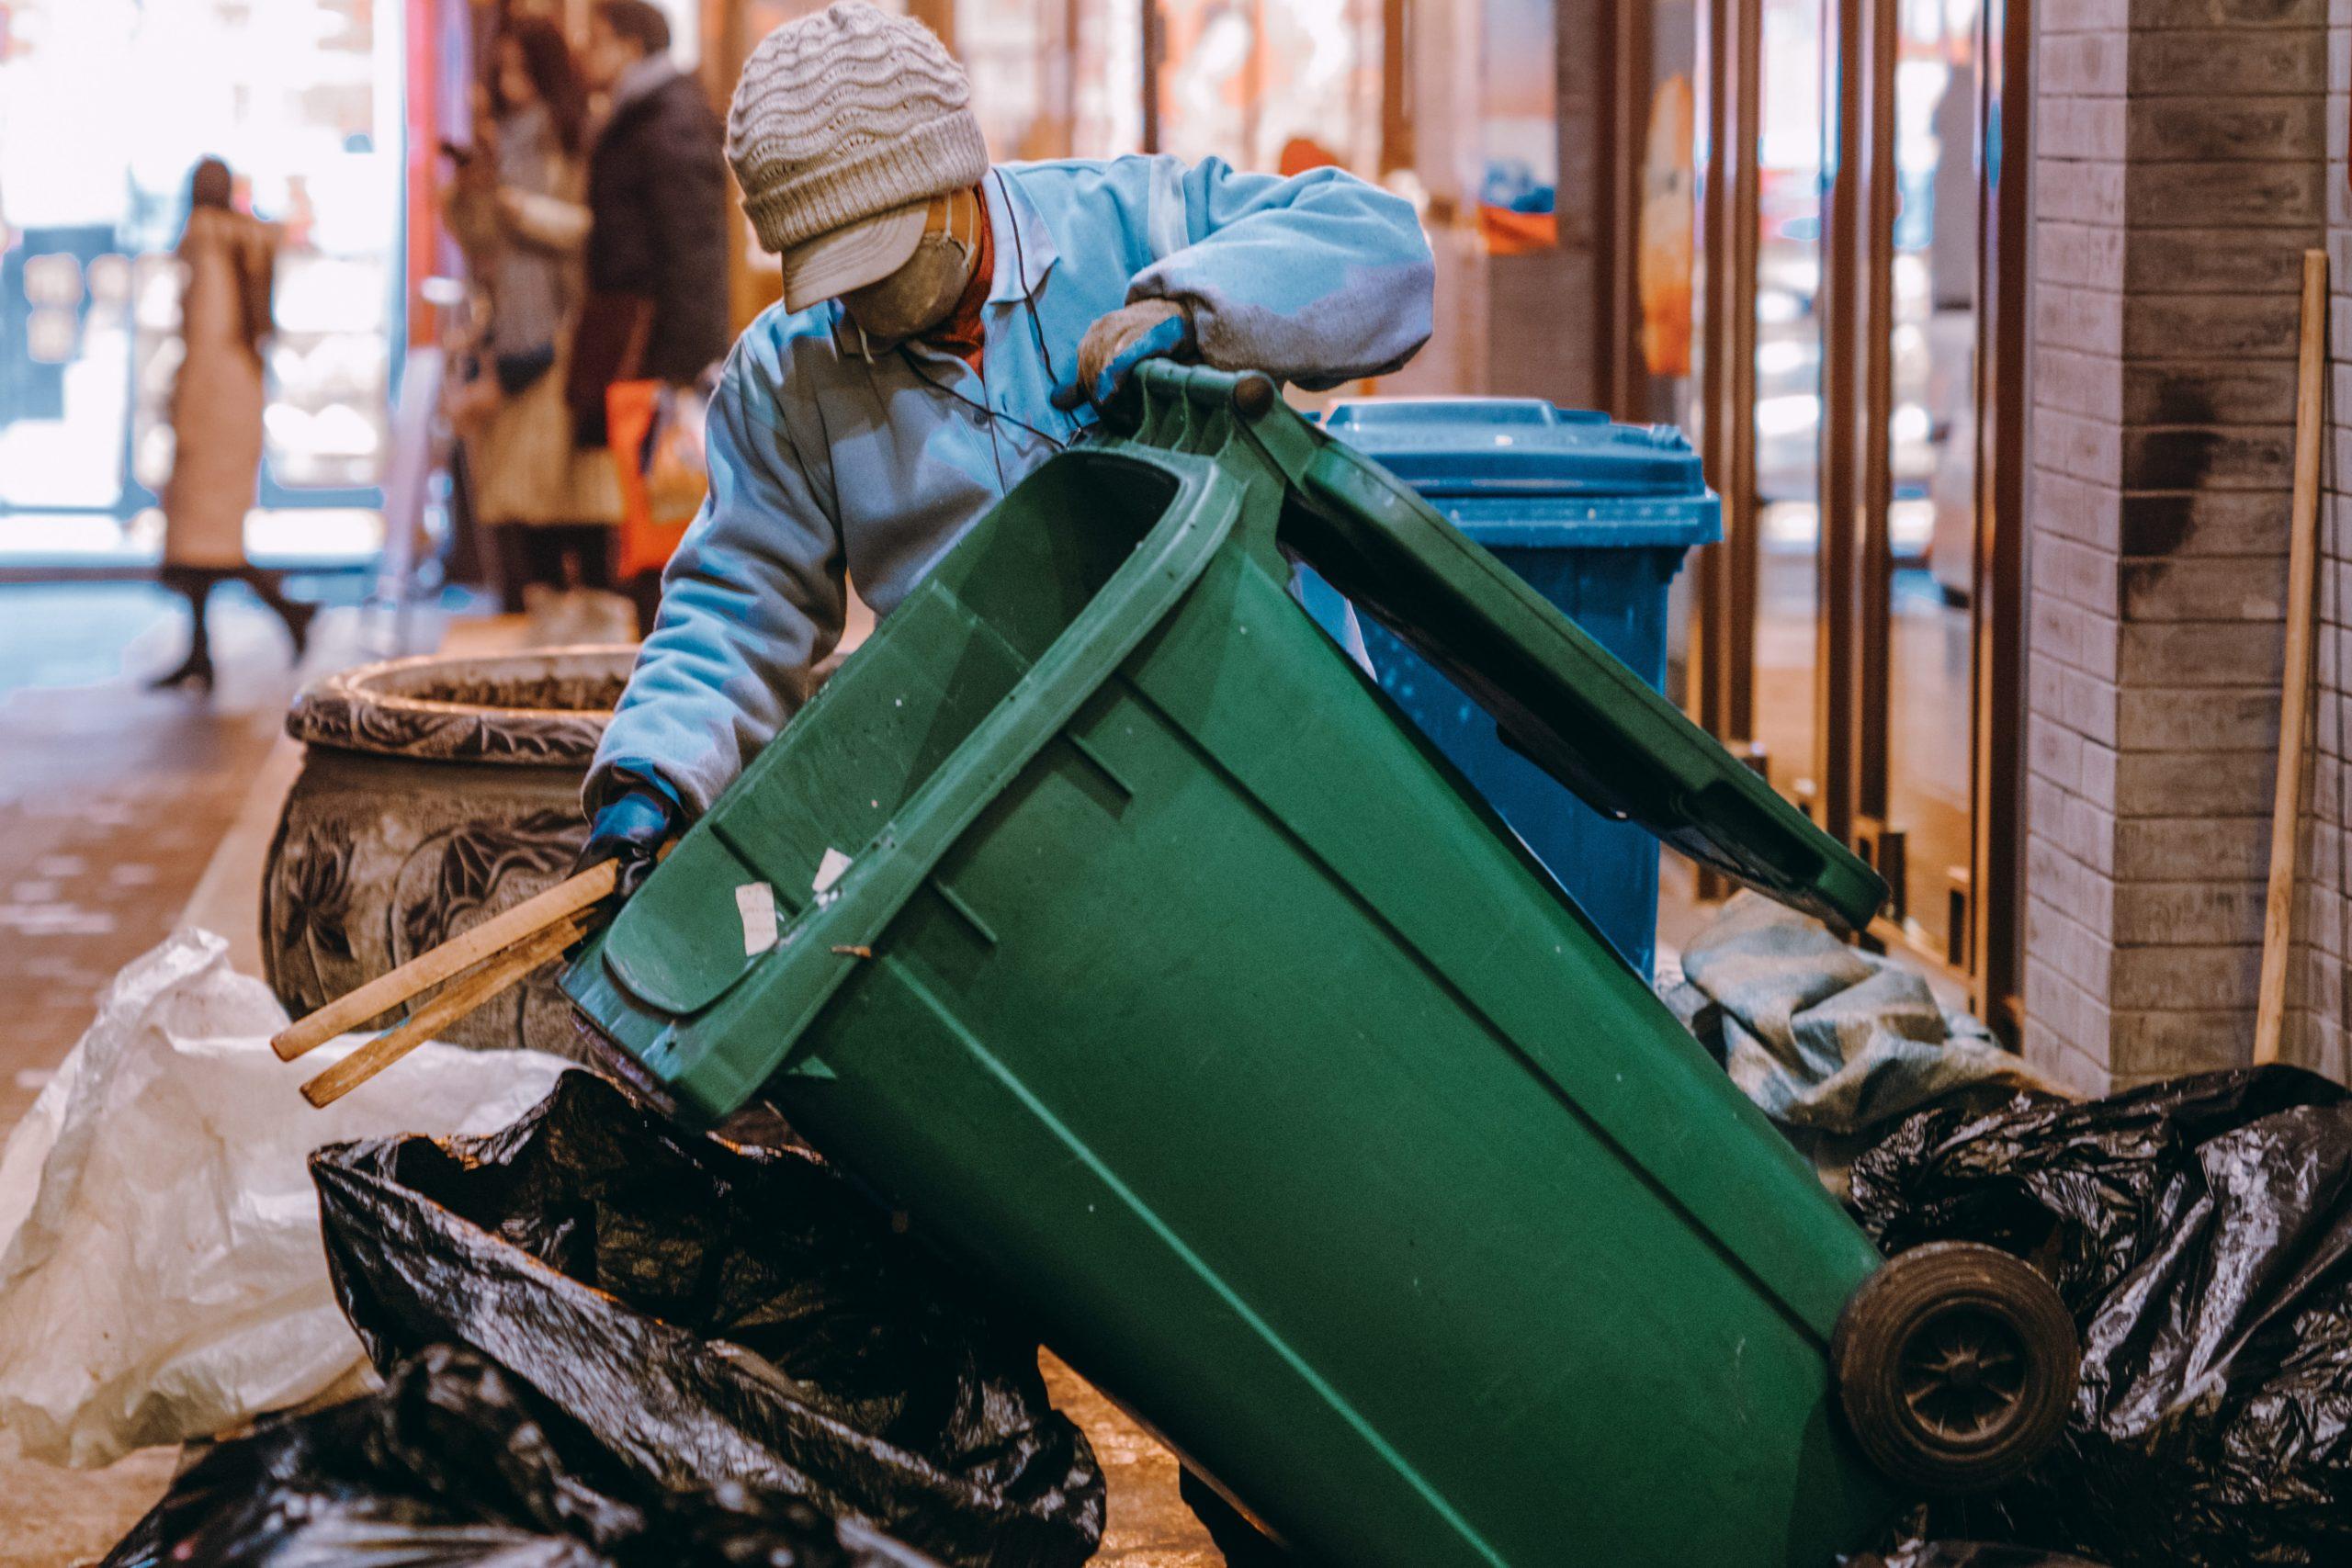 産業廃棄物の運搬・保管を行う場合の「表示義務」とは?